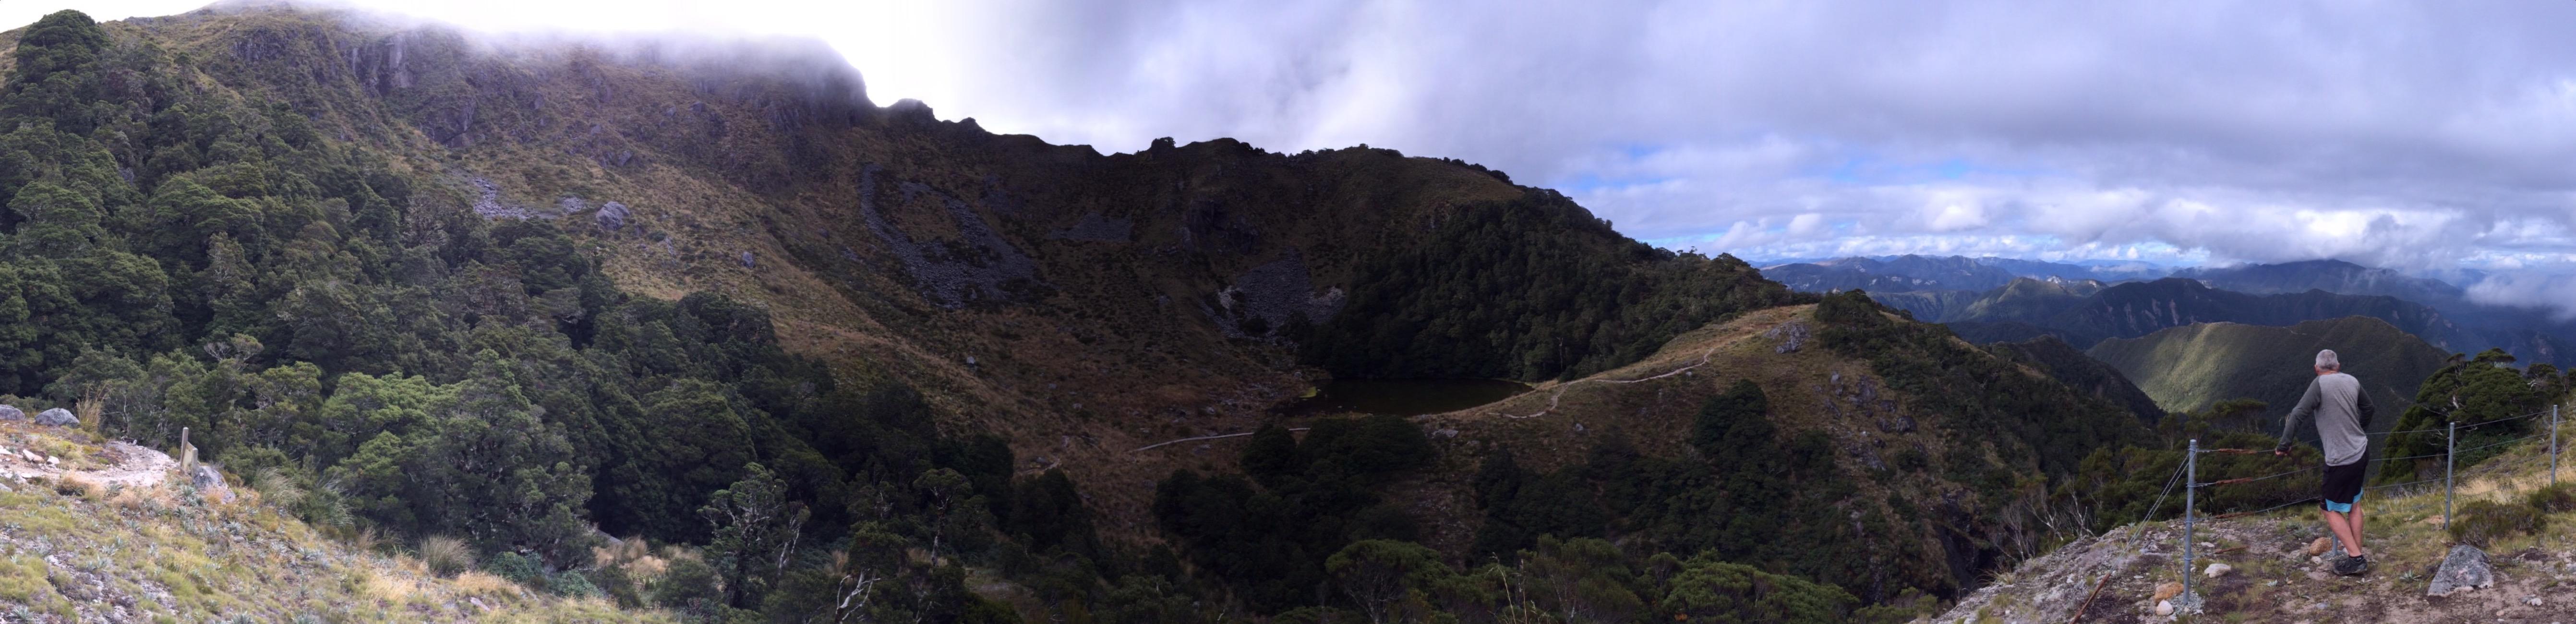 Mountain Biking Coaching New Zealand